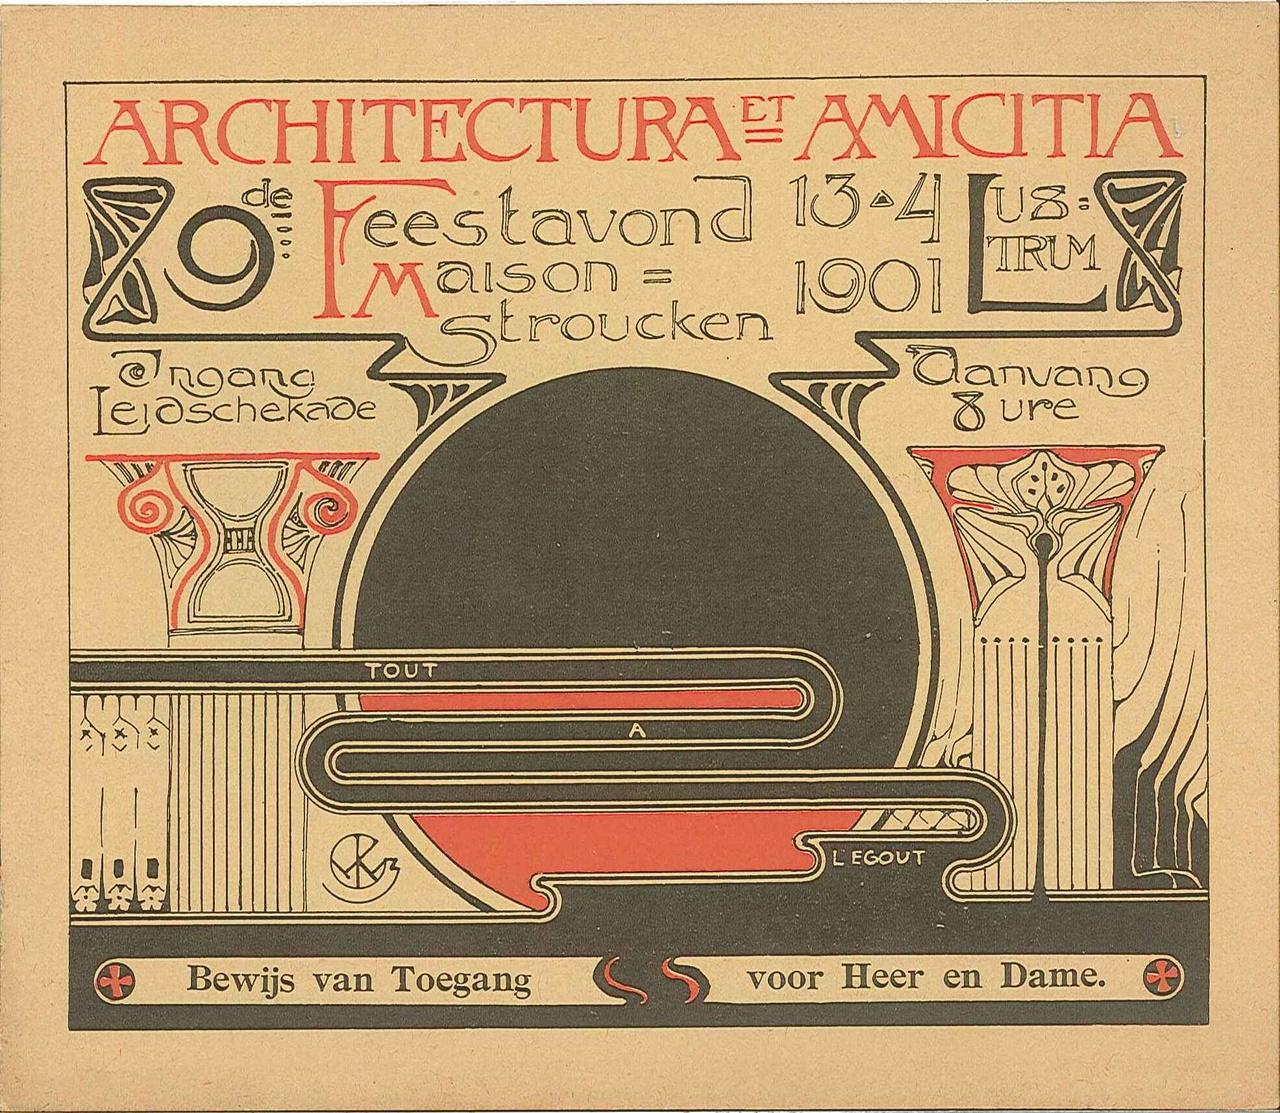 Uitnodiging feestavond t.g.v. 9e lustrum van Architectura et Amicitia.